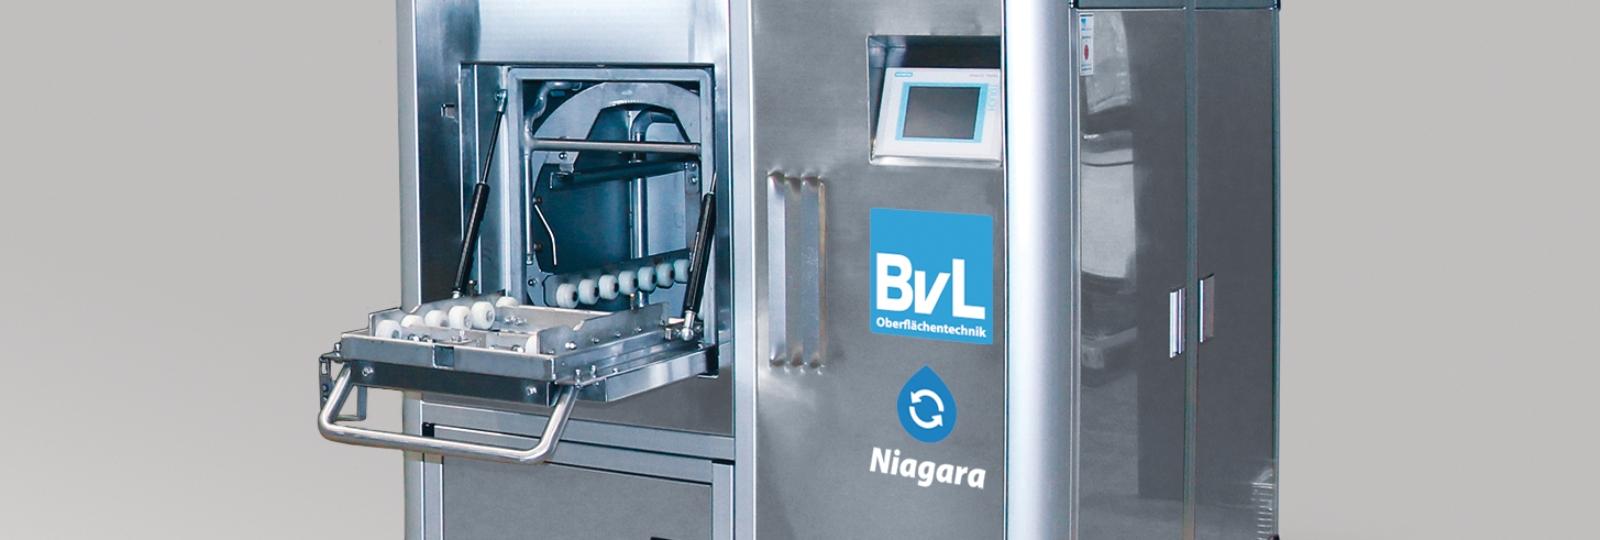 Die BvL-Reinigungsanlage NiagaraEM besticht durch kompakte Bauweise und modernes Design